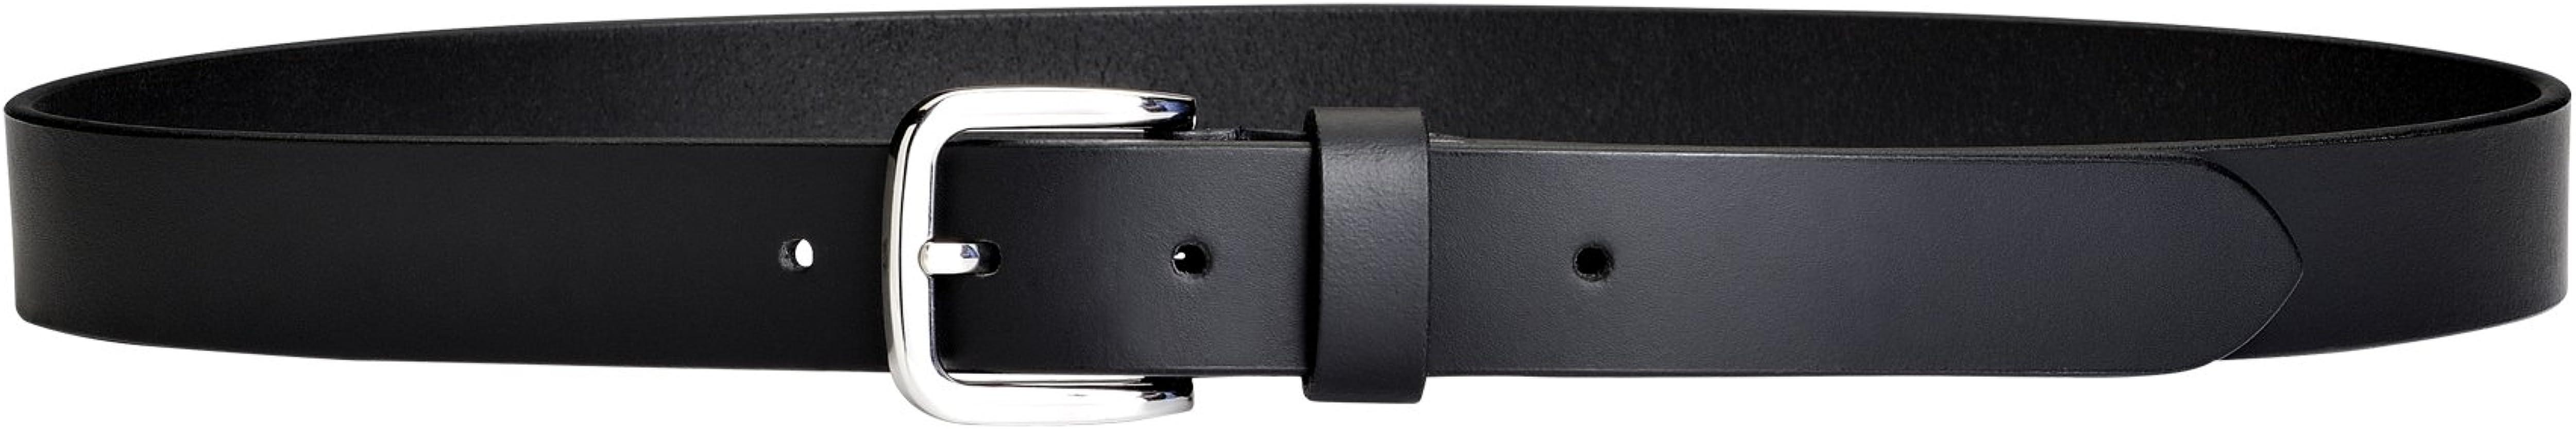 PELPE- Cinturón de Cuero Negro para Hombre. Cinturón de estilo ...